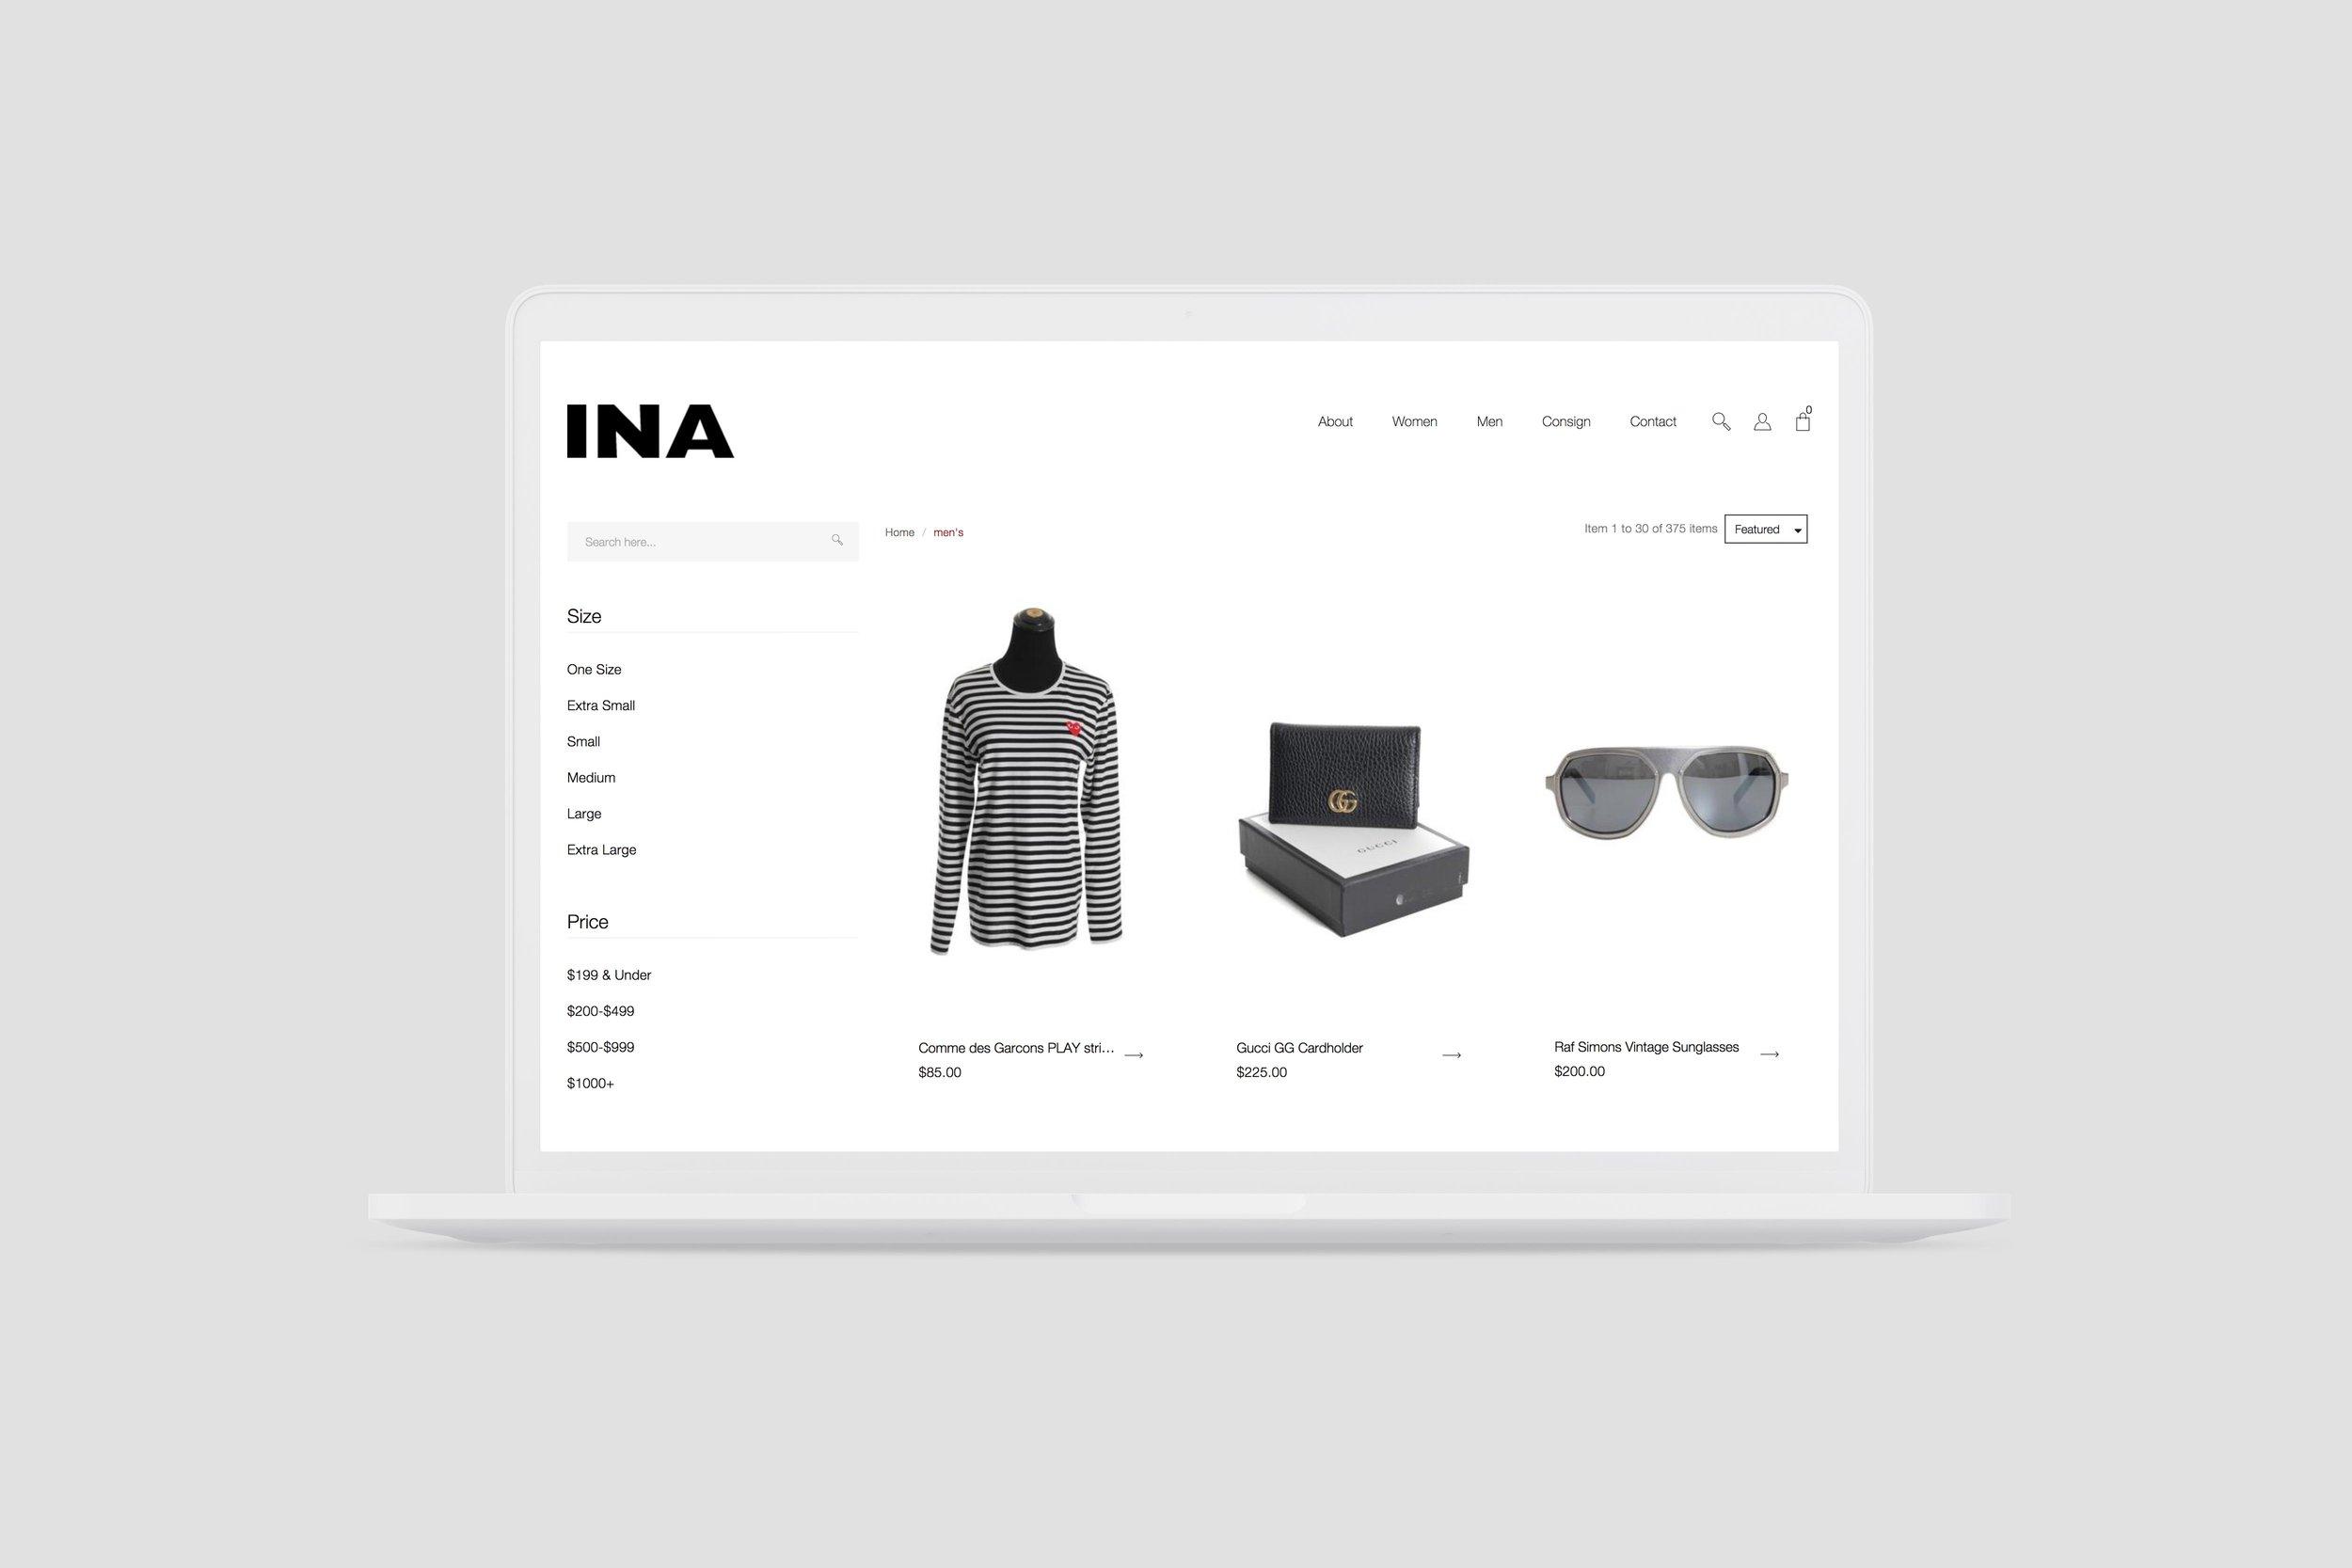 ina(4).jpg